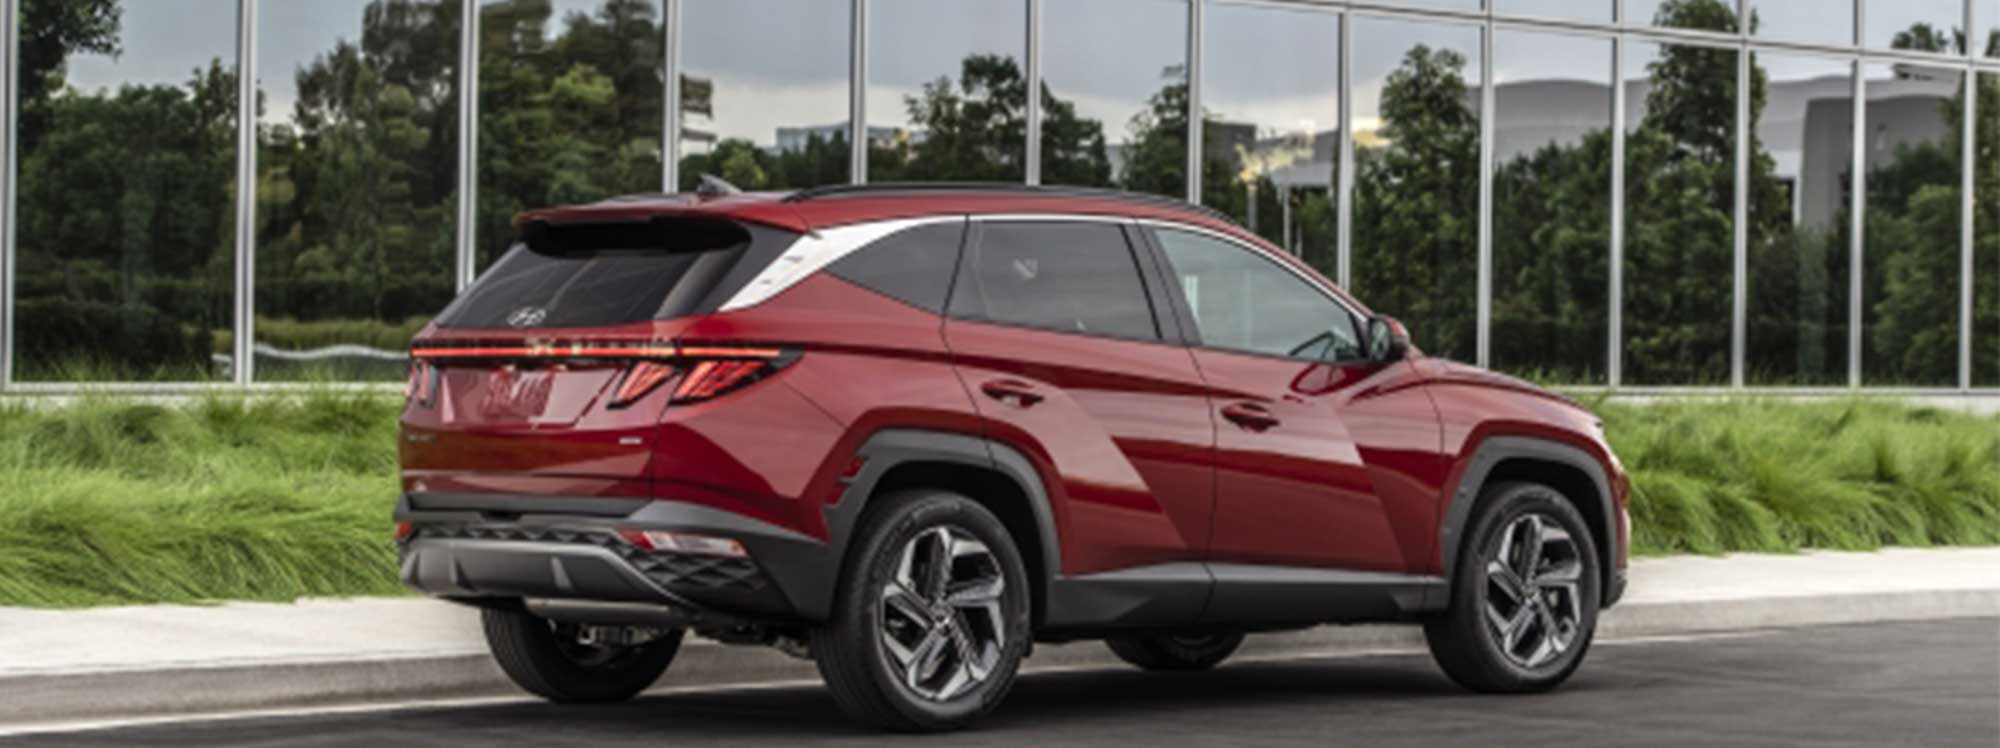 Hyundai Tucson y su puntuación perfecta en seguridad de asientos